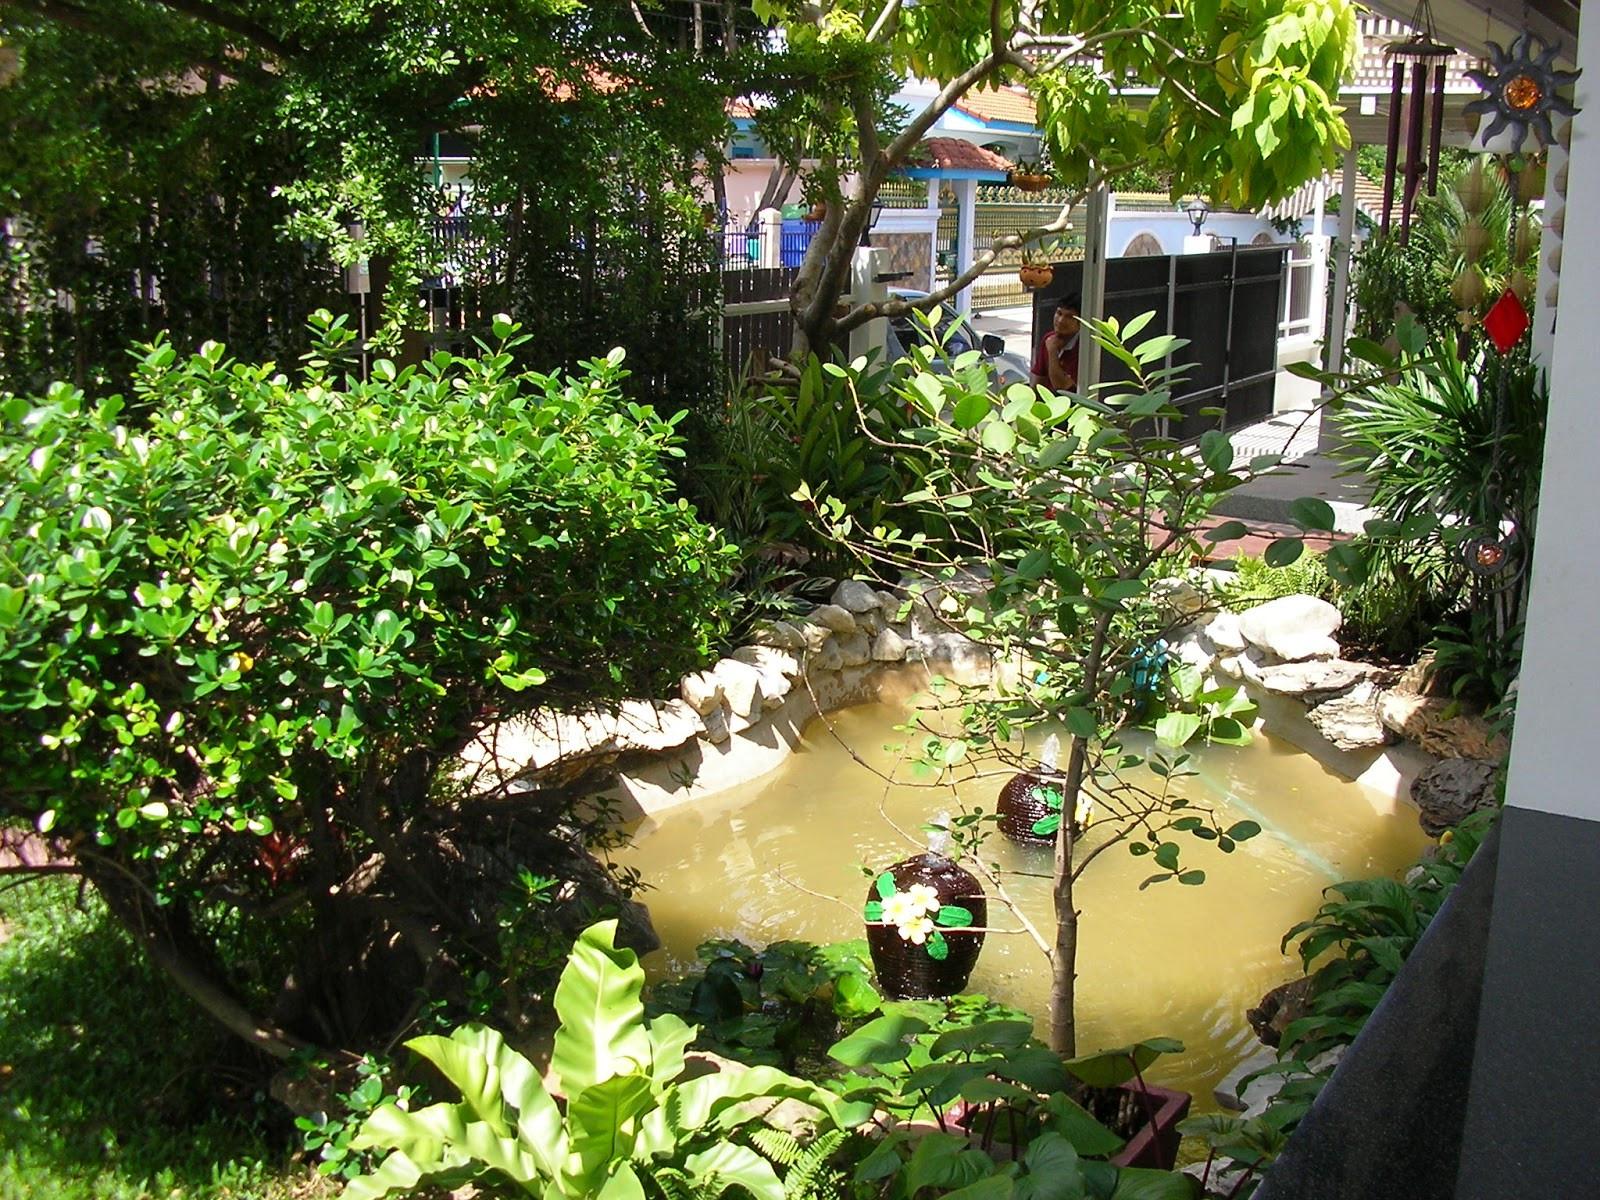 Residential Landscape Design  สวนสวยด้วย Gardensiam Residential landscape design